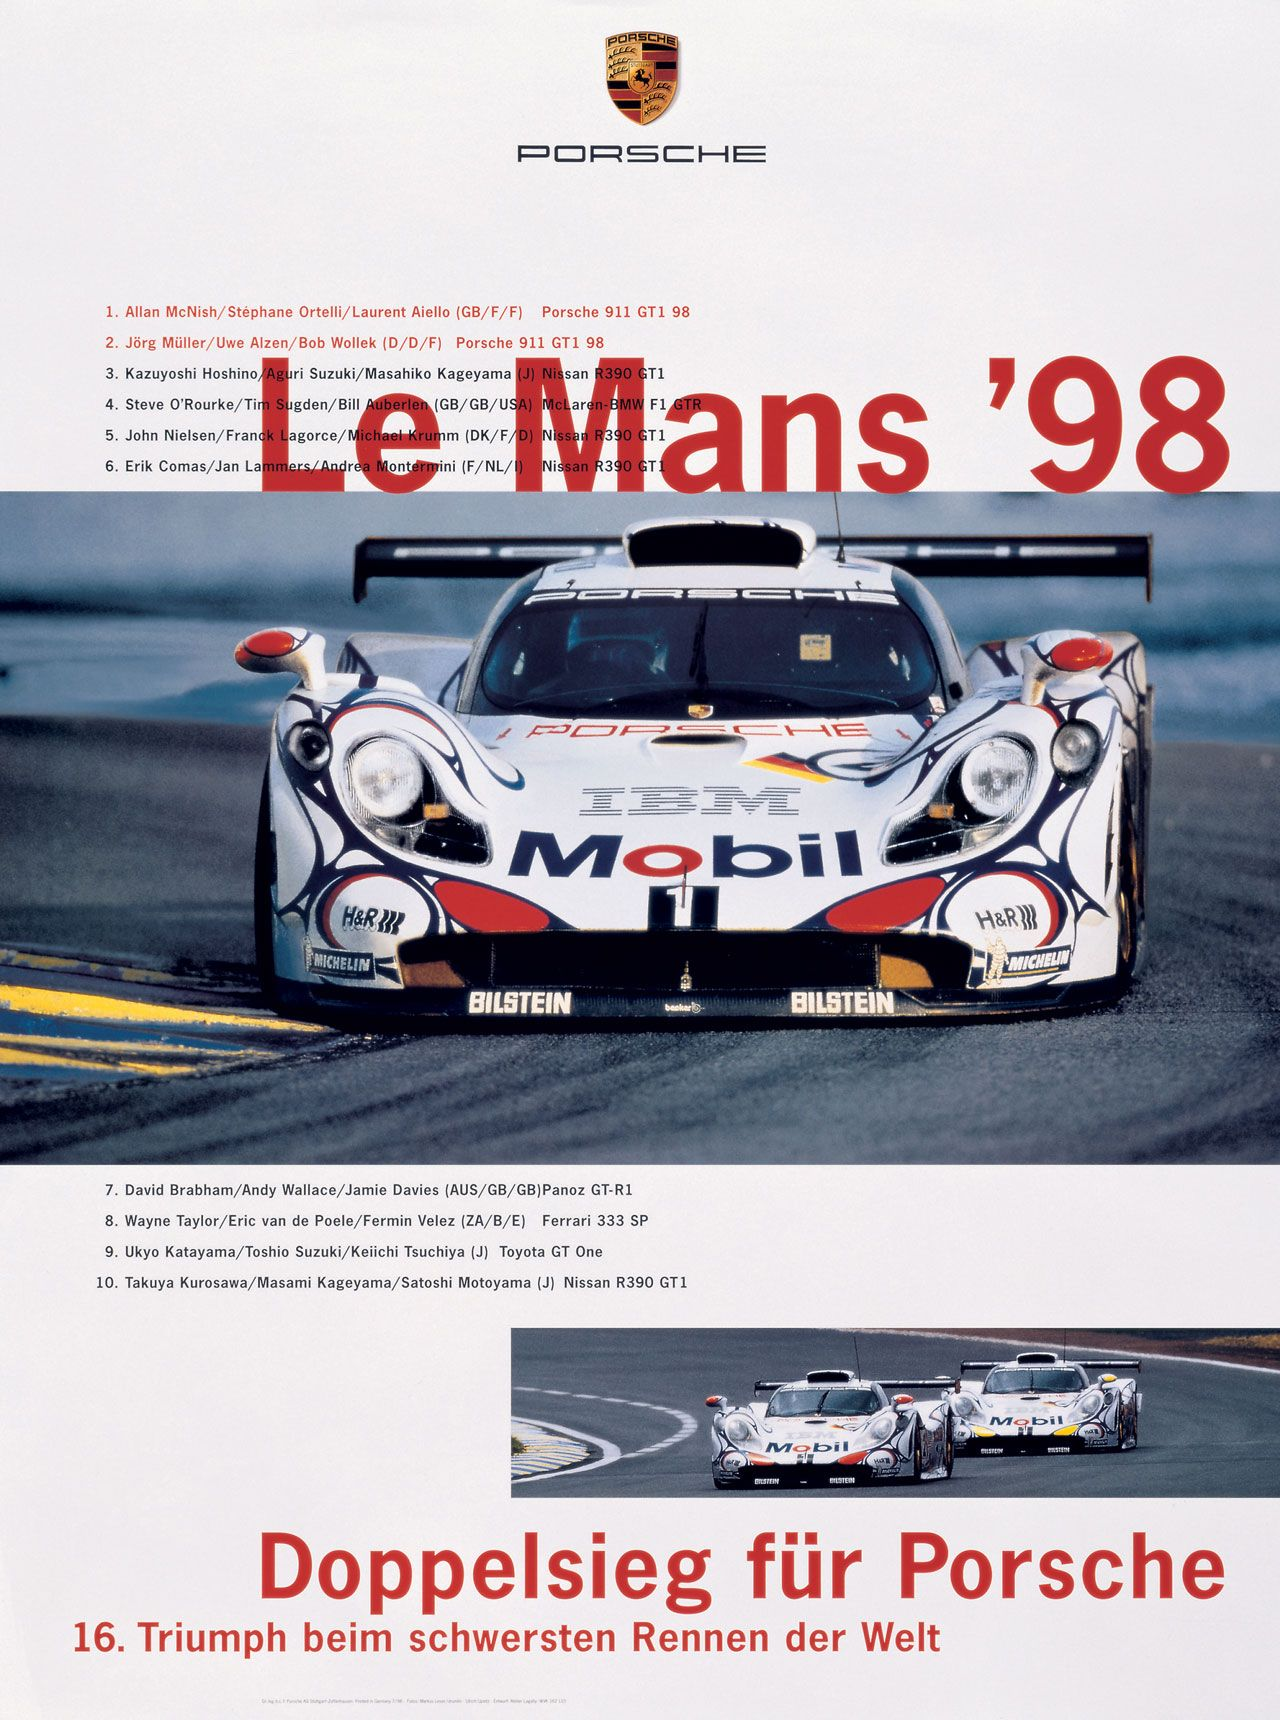 Le Mans 1998. Doppelsieg für Porsche! 16. Triumph beim schwersten Rennen der Welt!